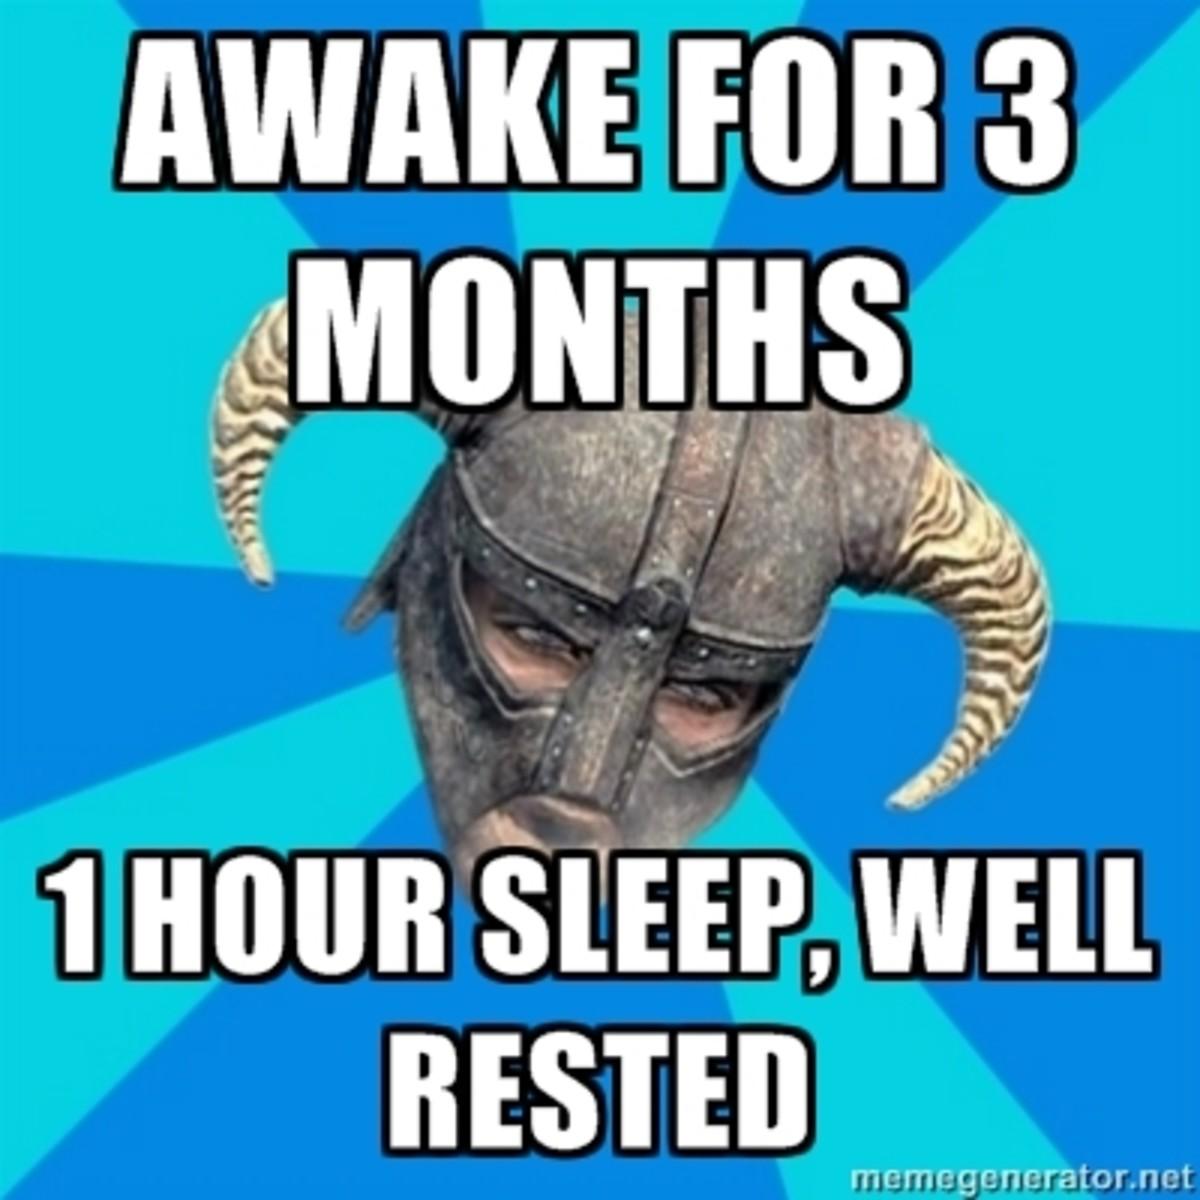 Dragonborns don't need sleep